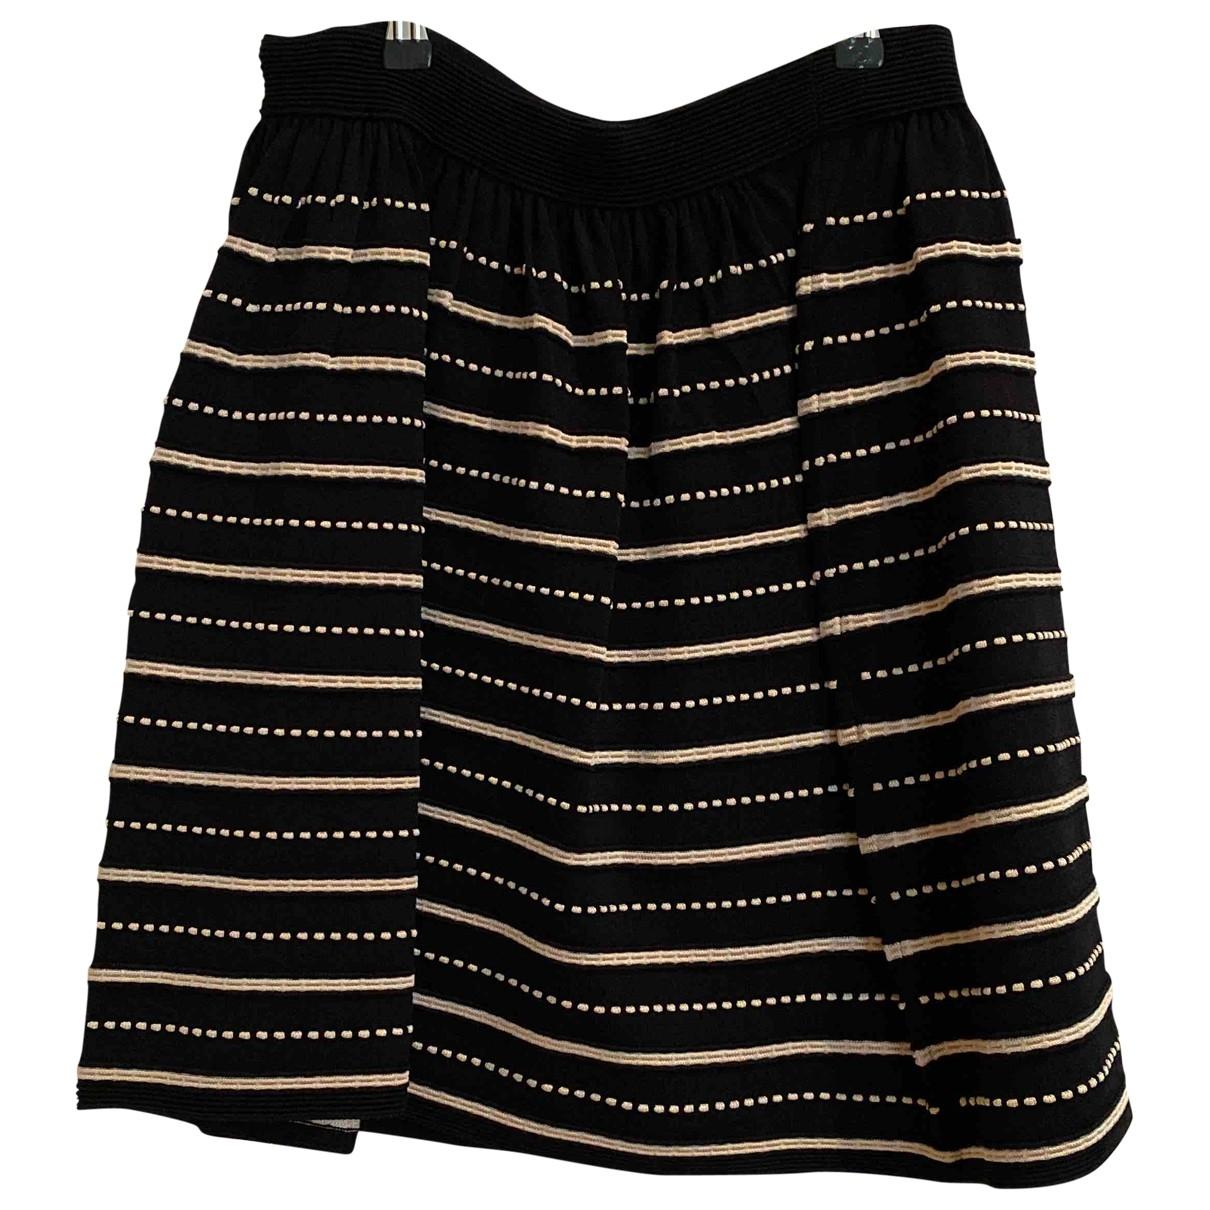 Sandro \N Black Cotton - elasthane skirt for Women 40 FR